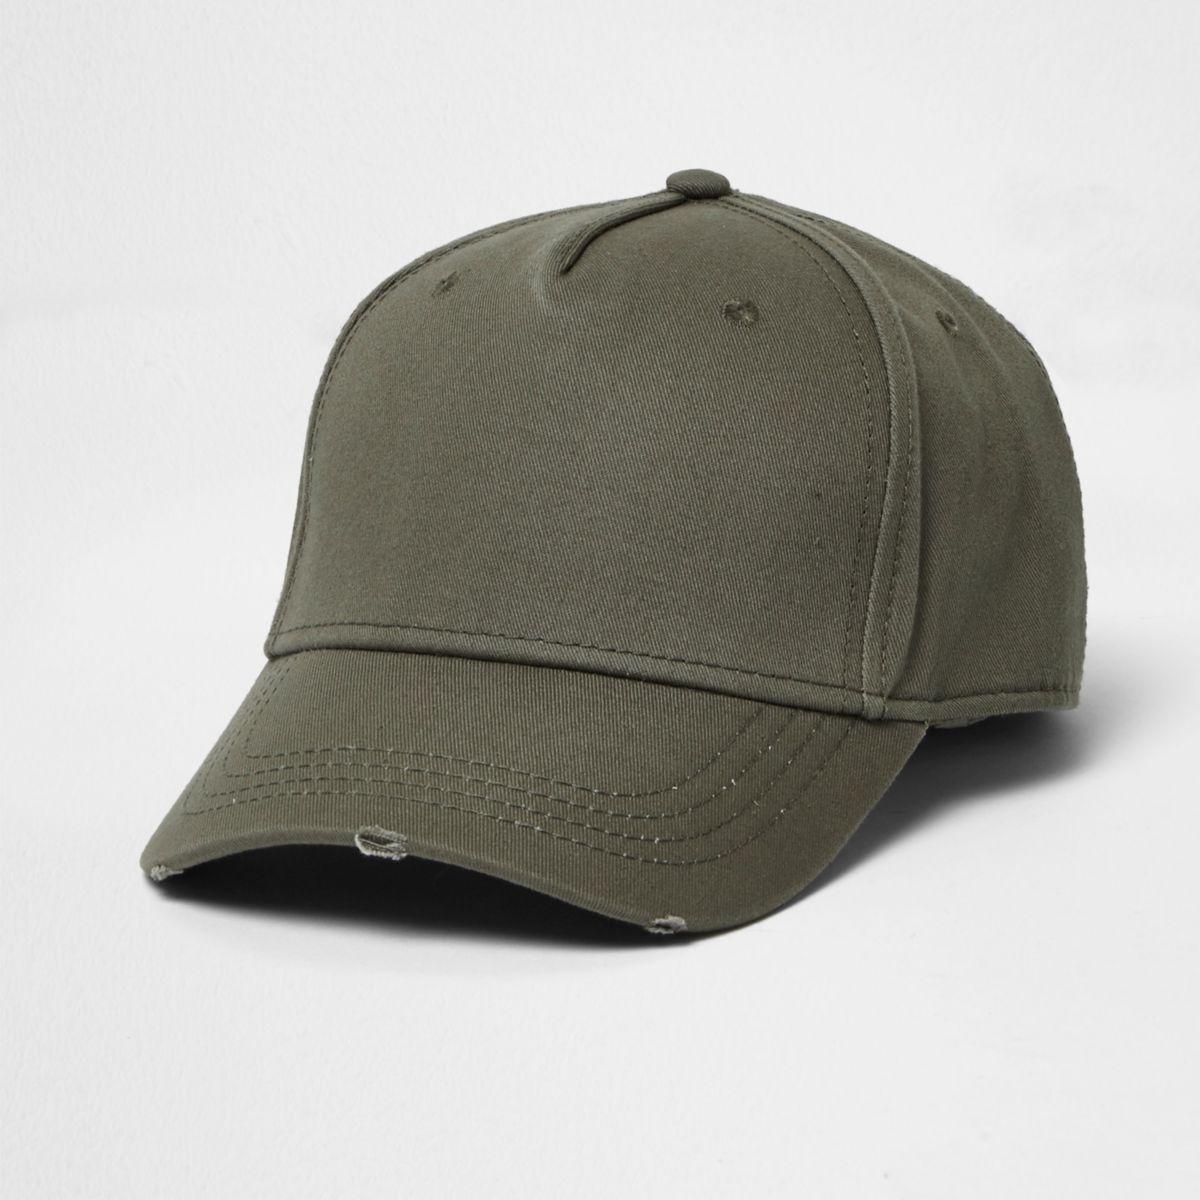 Khaki distressed baseball cap